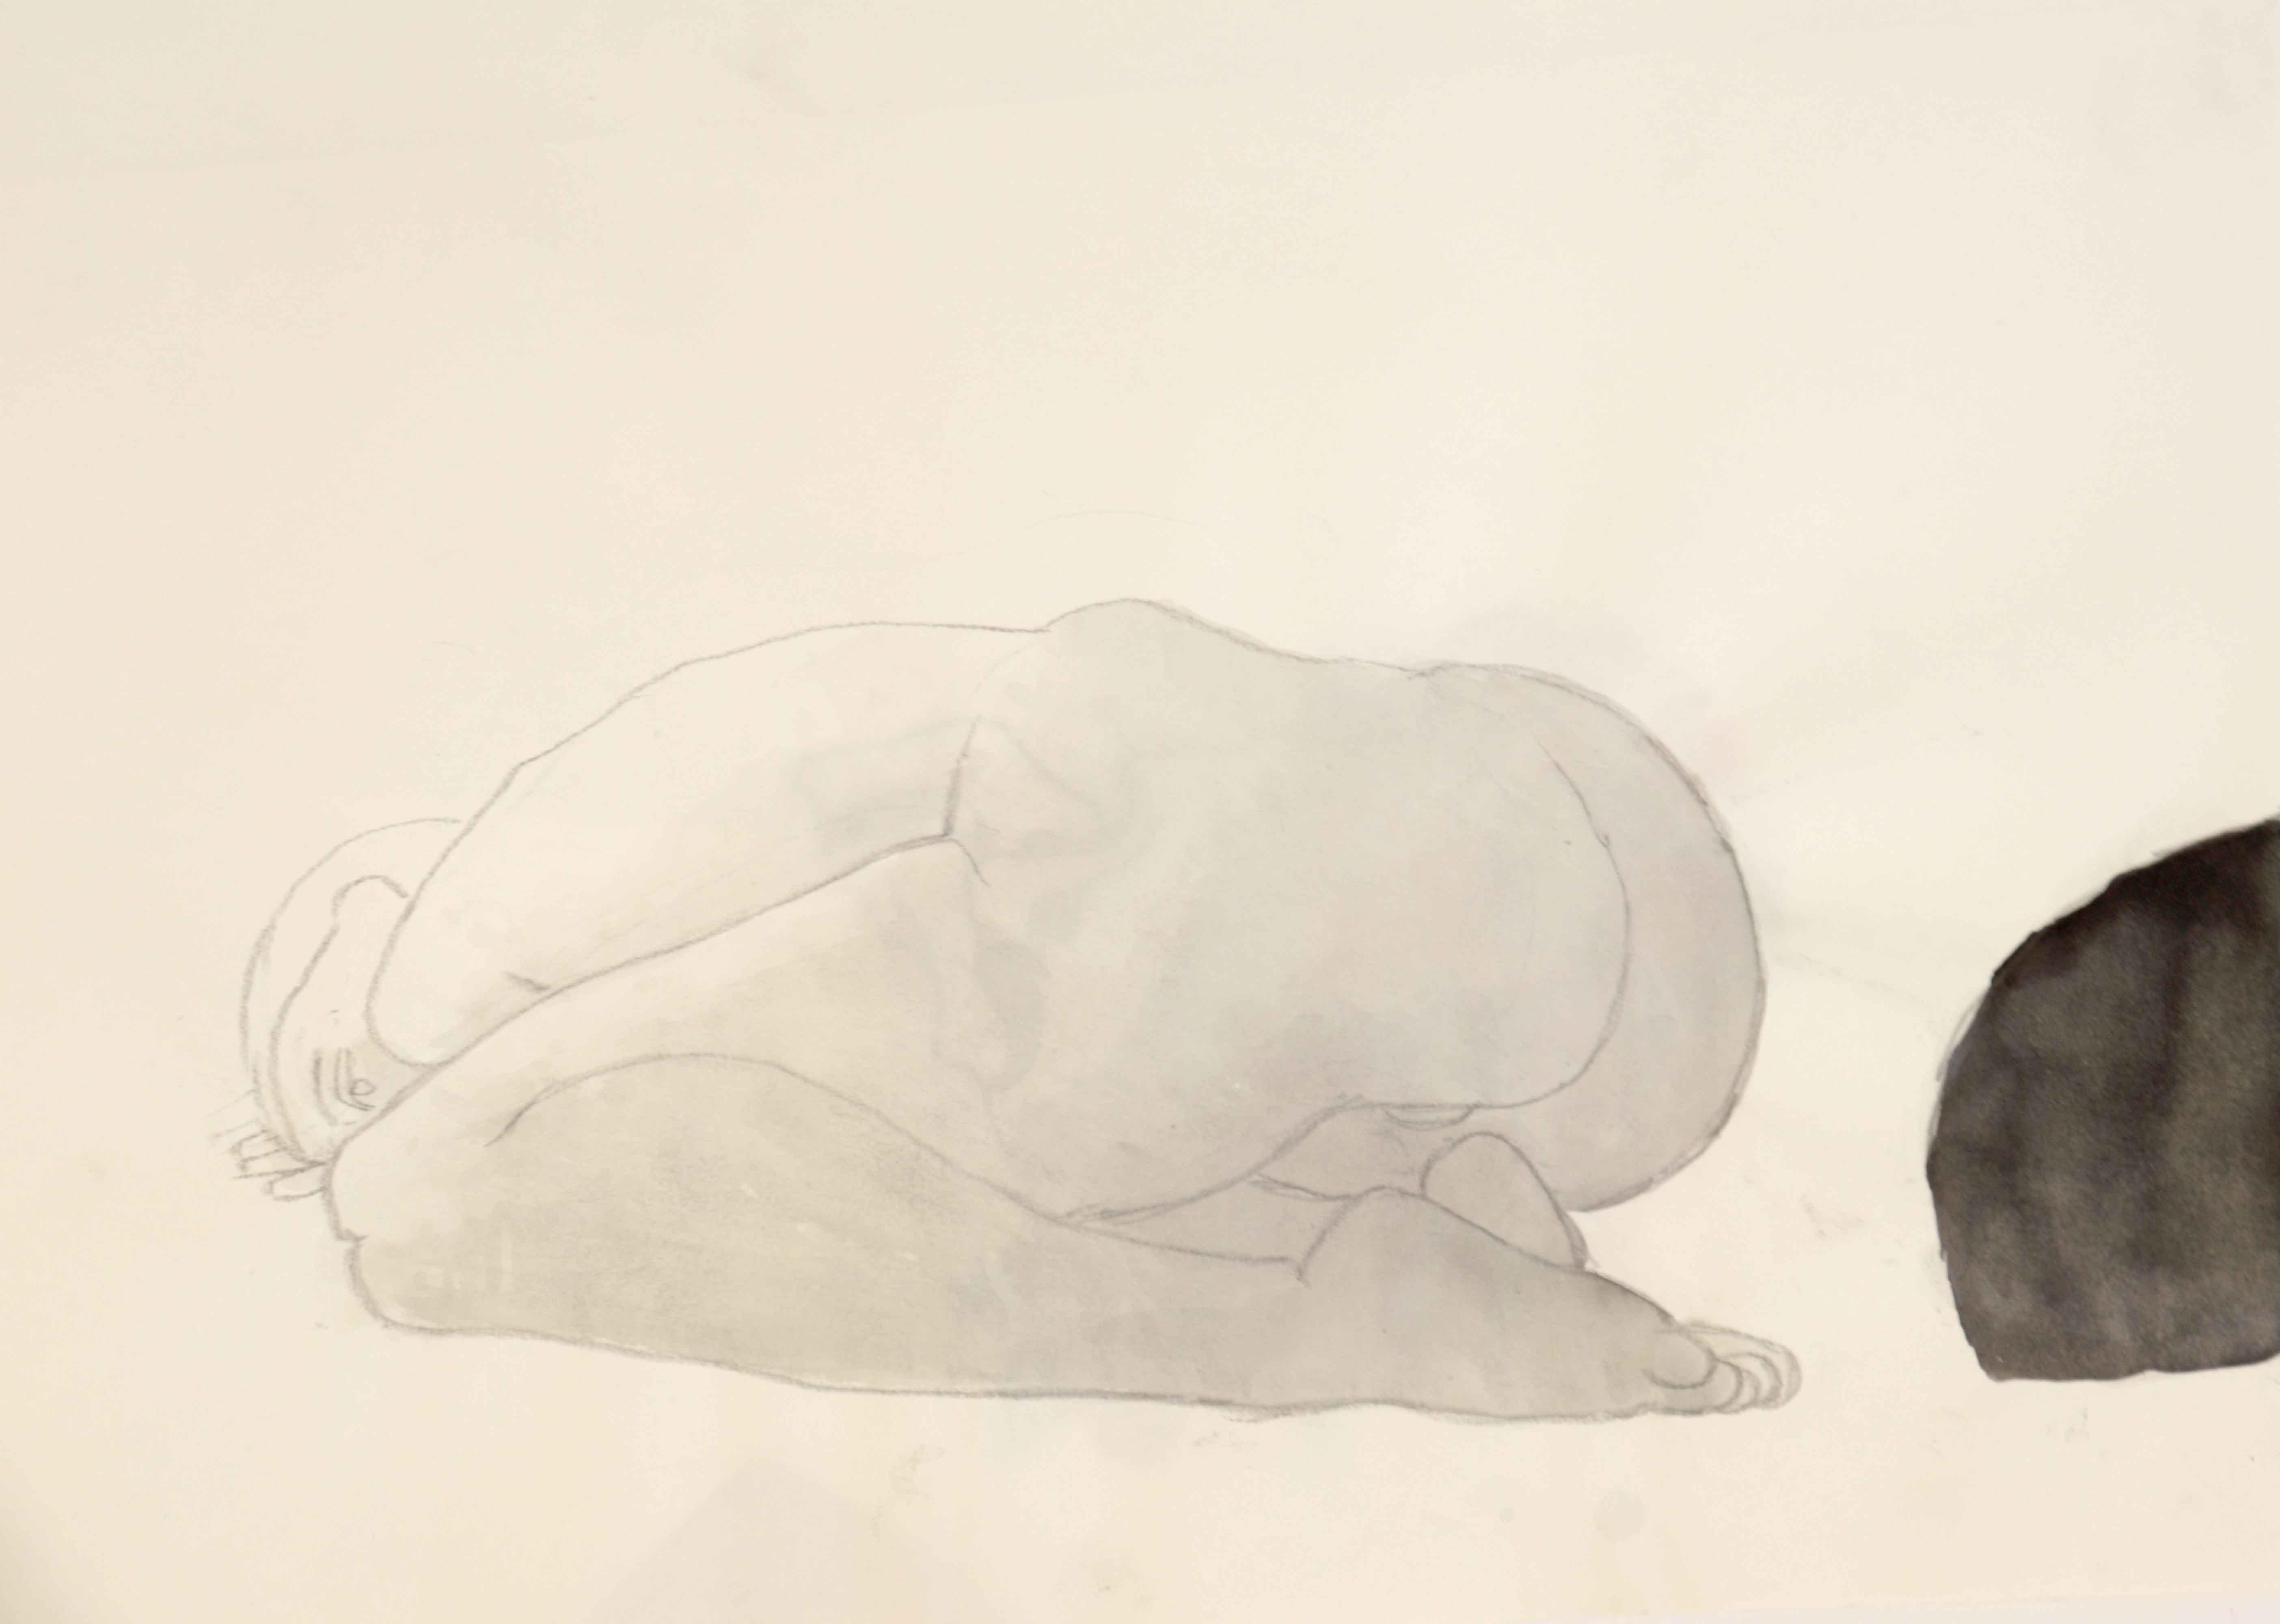 Mod�le vivant homme technique mixte lavi et graphite sur papier  cours de dessin